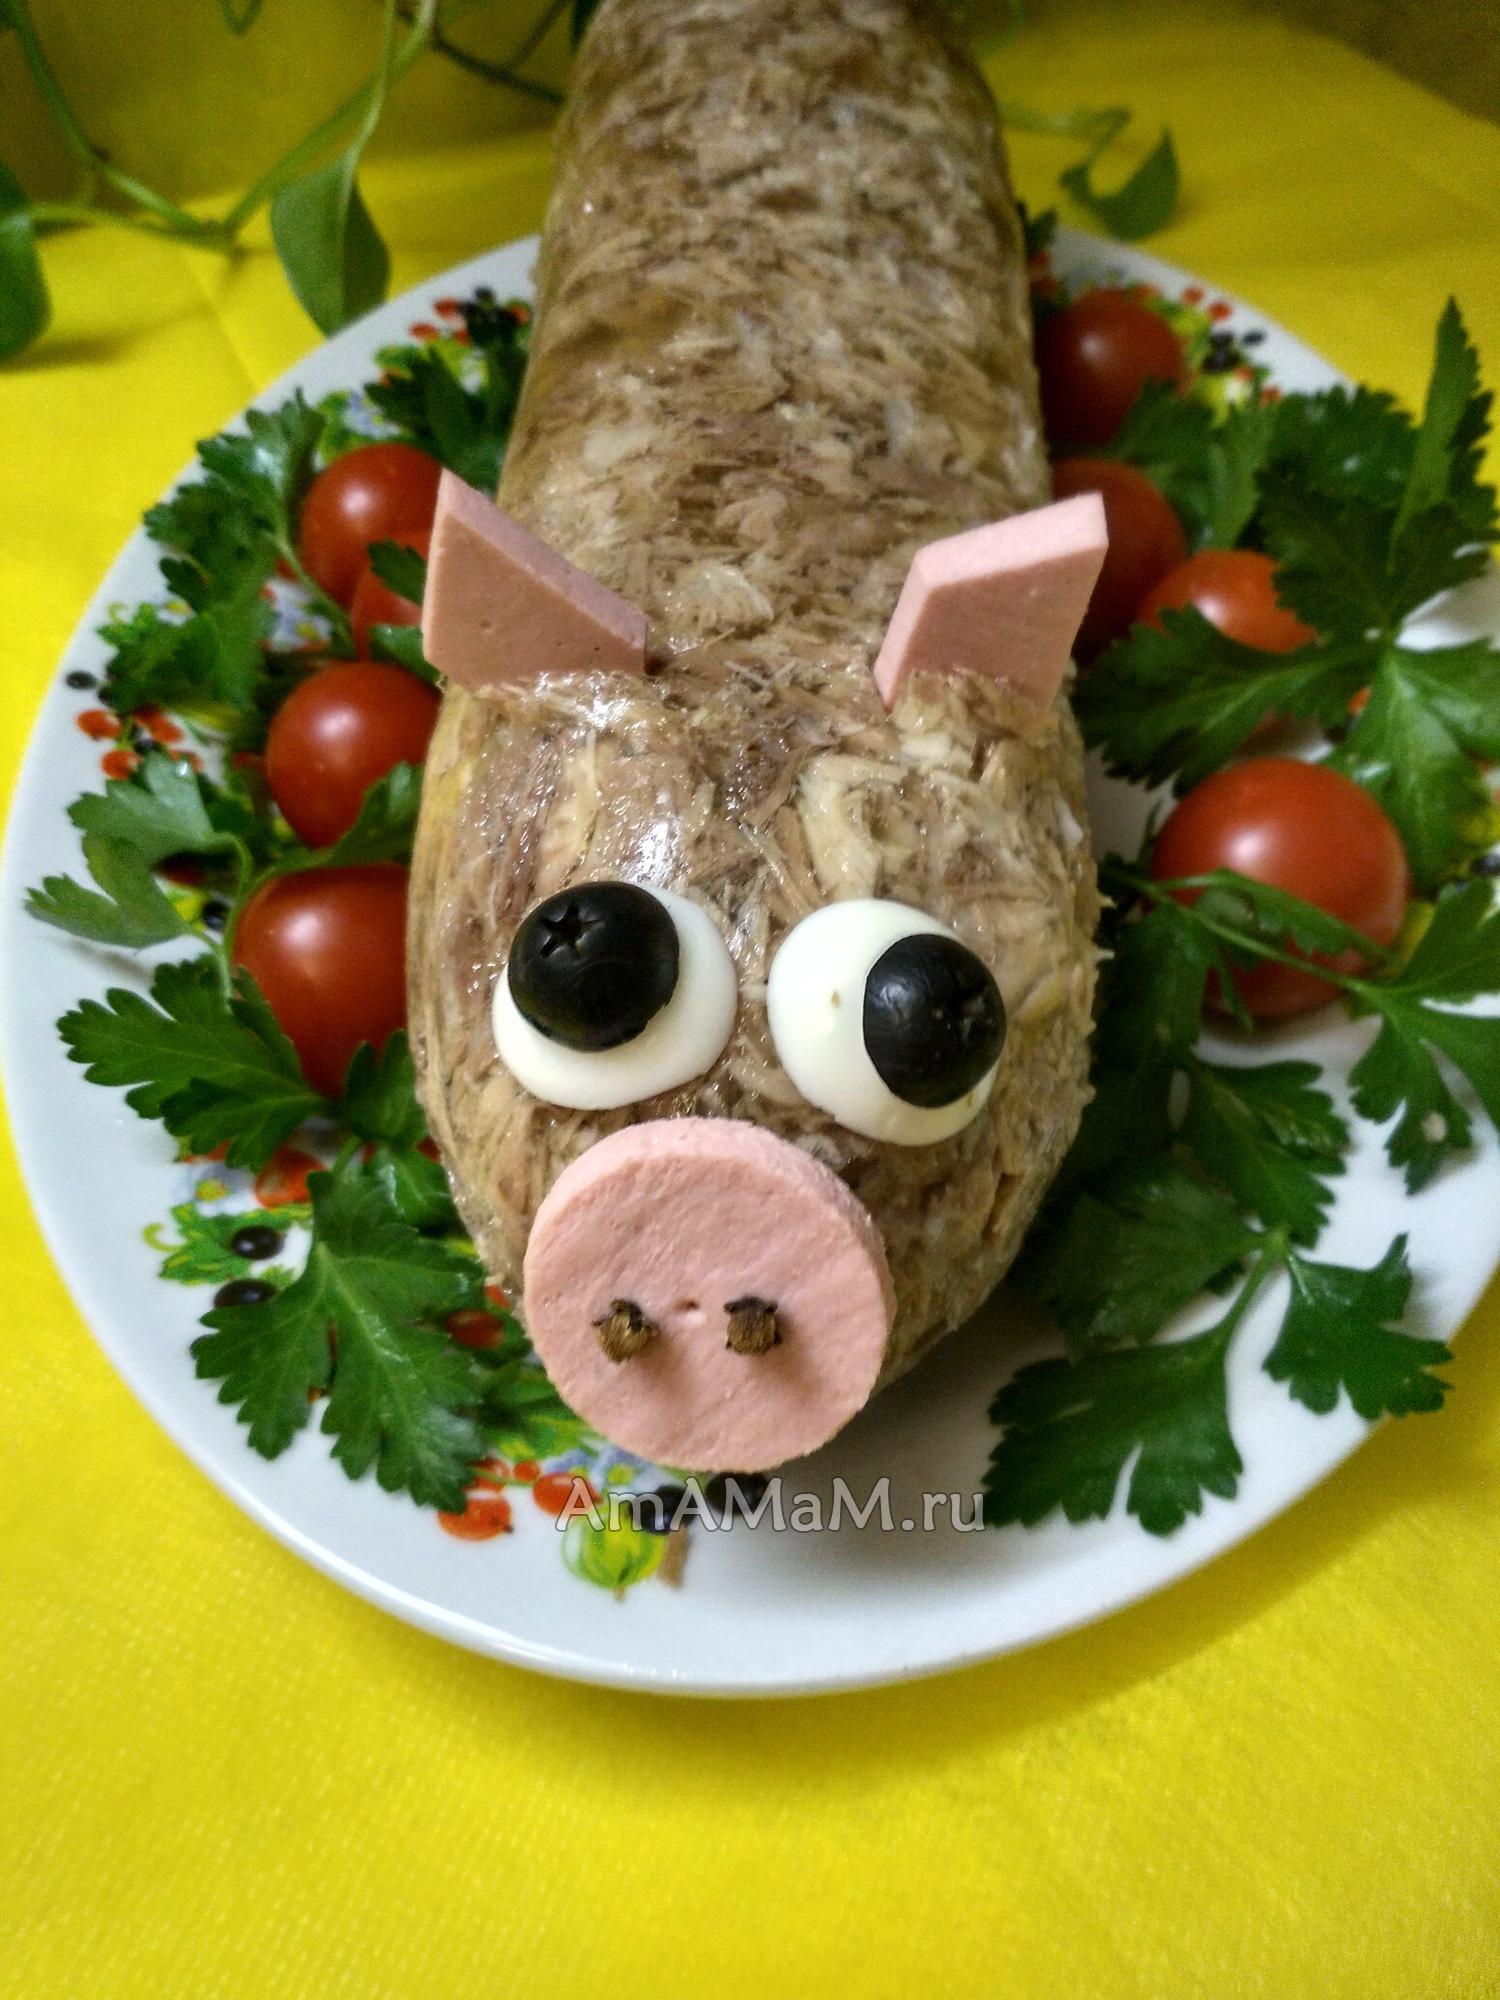 Холодец из головы свиньи рецепт пошагово в